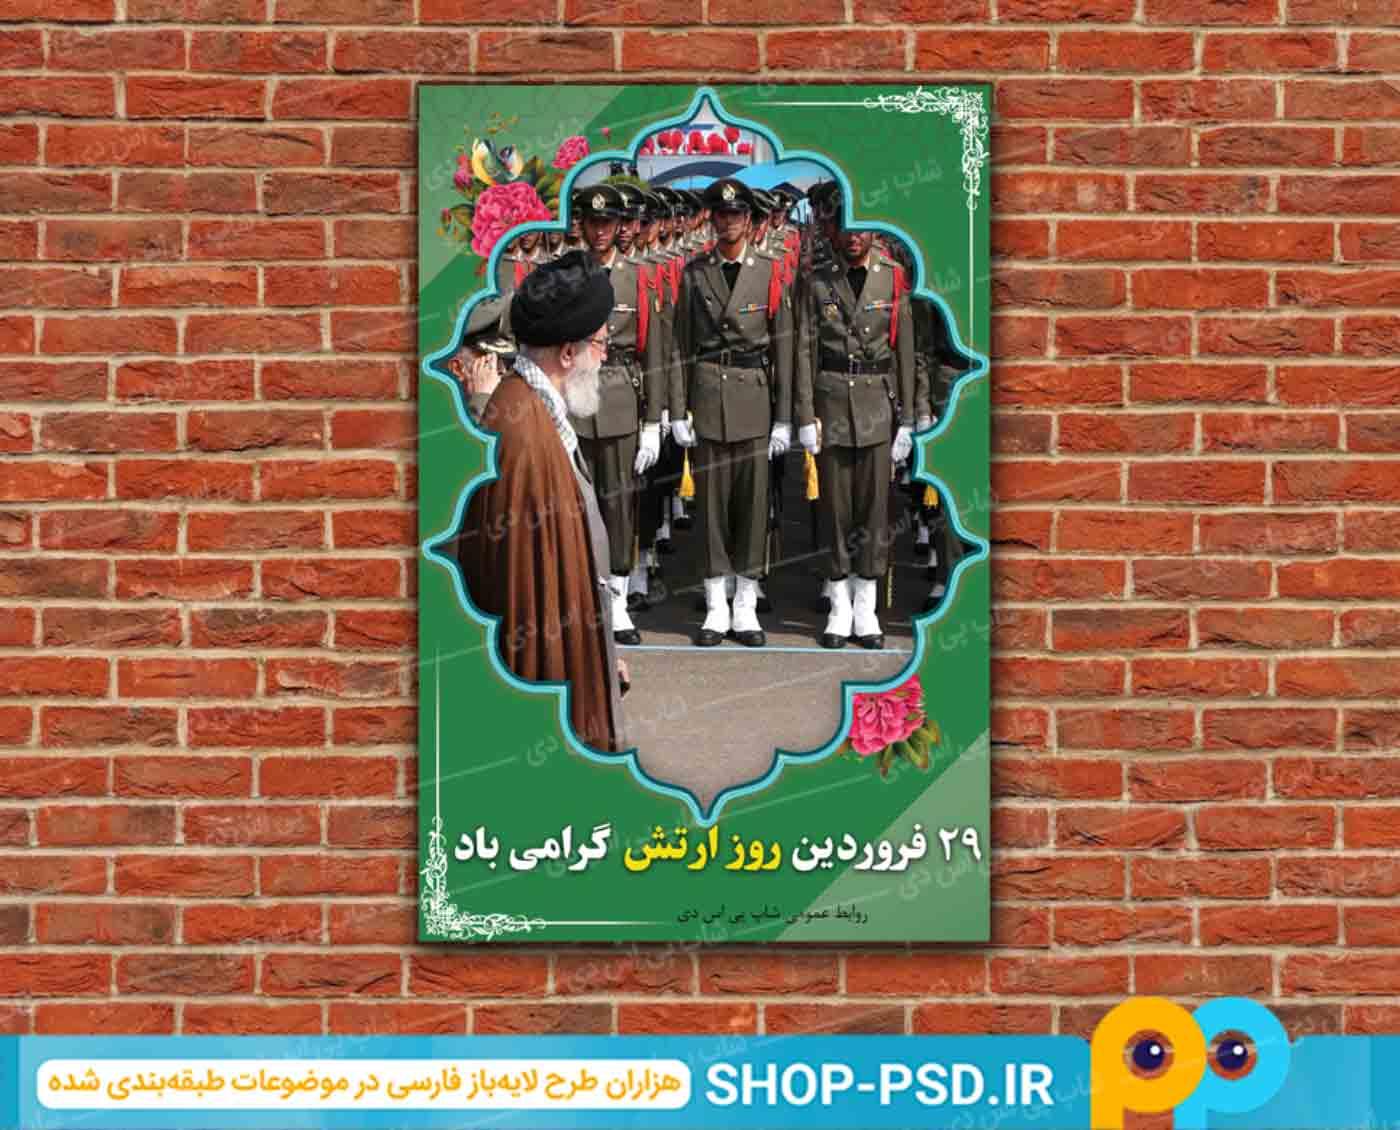 بنر لایه باز روز ارتش جمهوری اسلامی ایران | شاپ پی اس دی